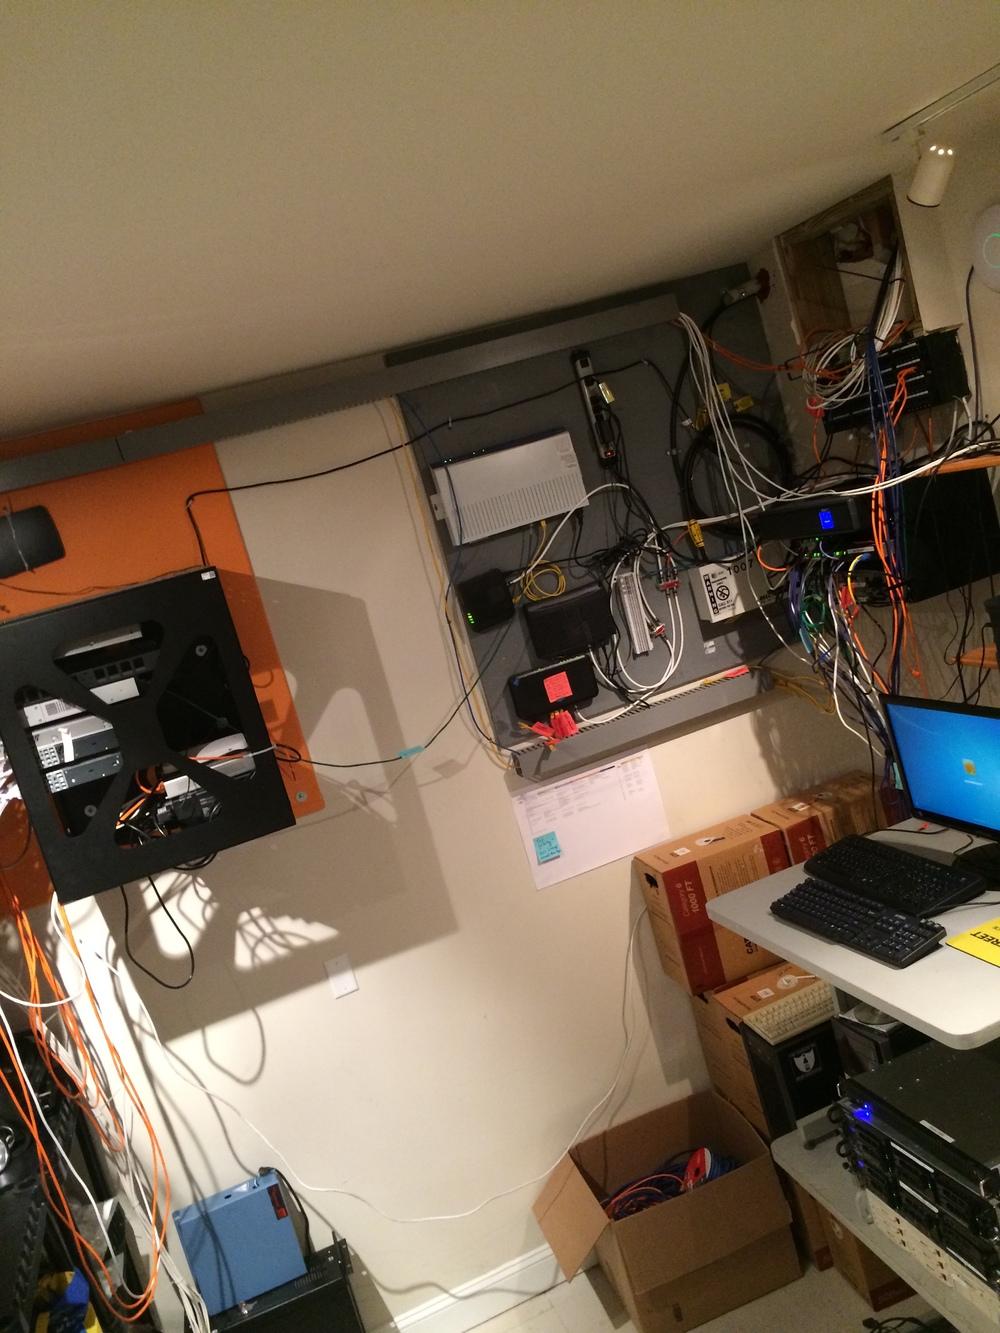 Server Room, December 2014